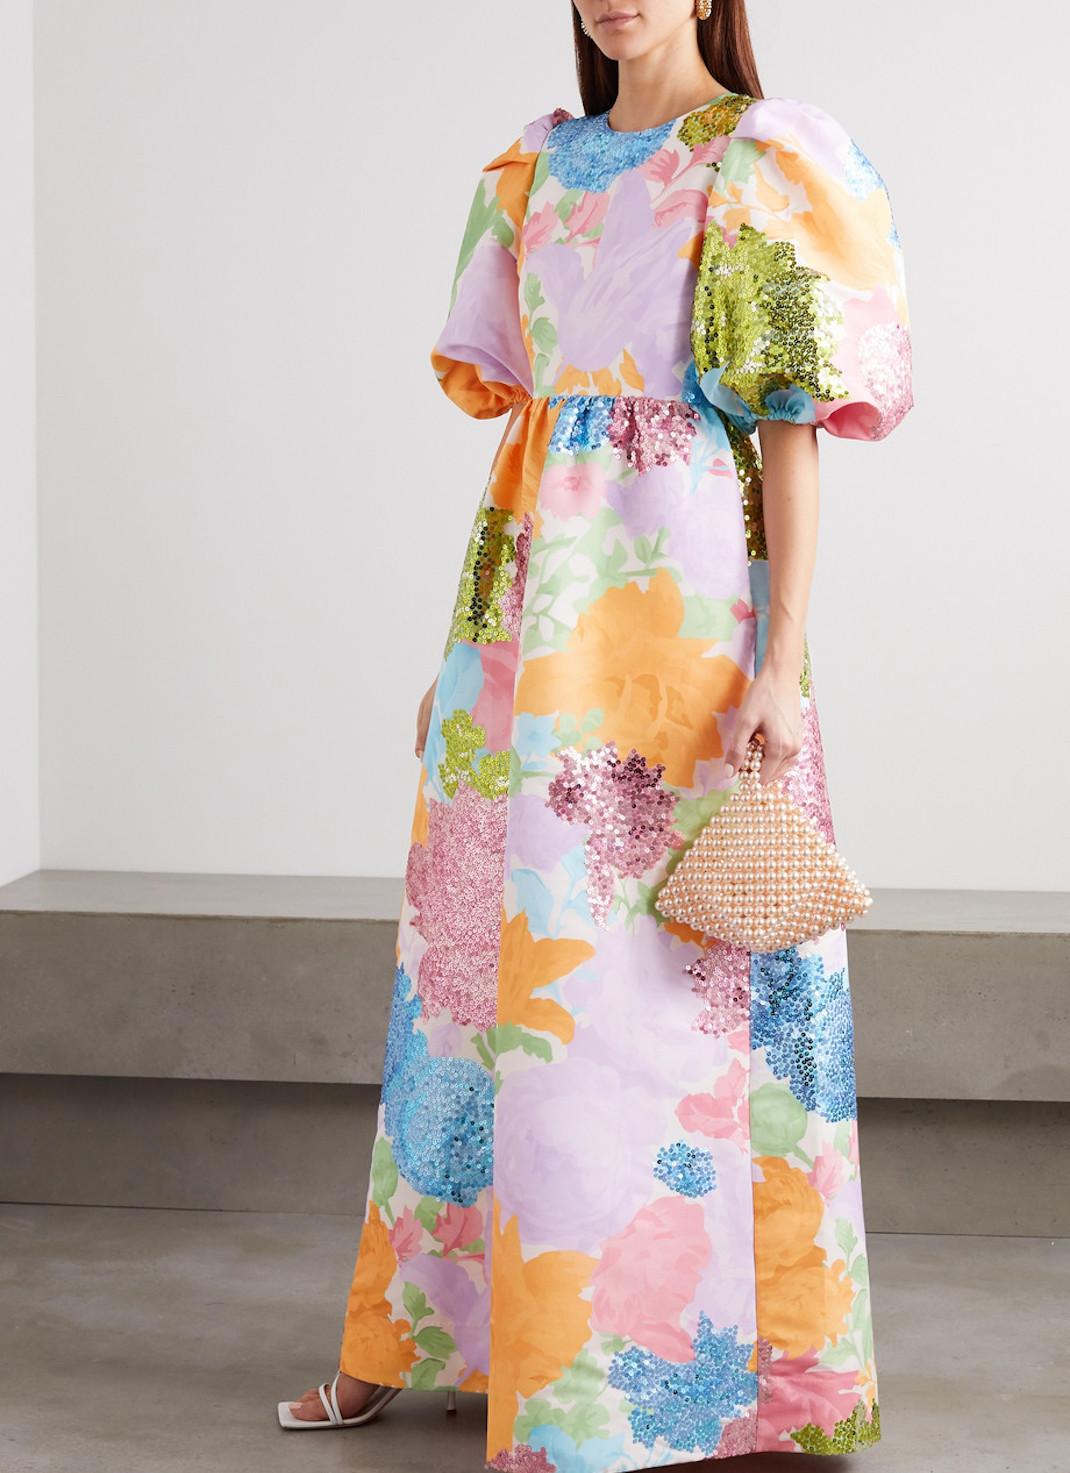 μοντέλο με παστέλ φόρεμα Stine Goya